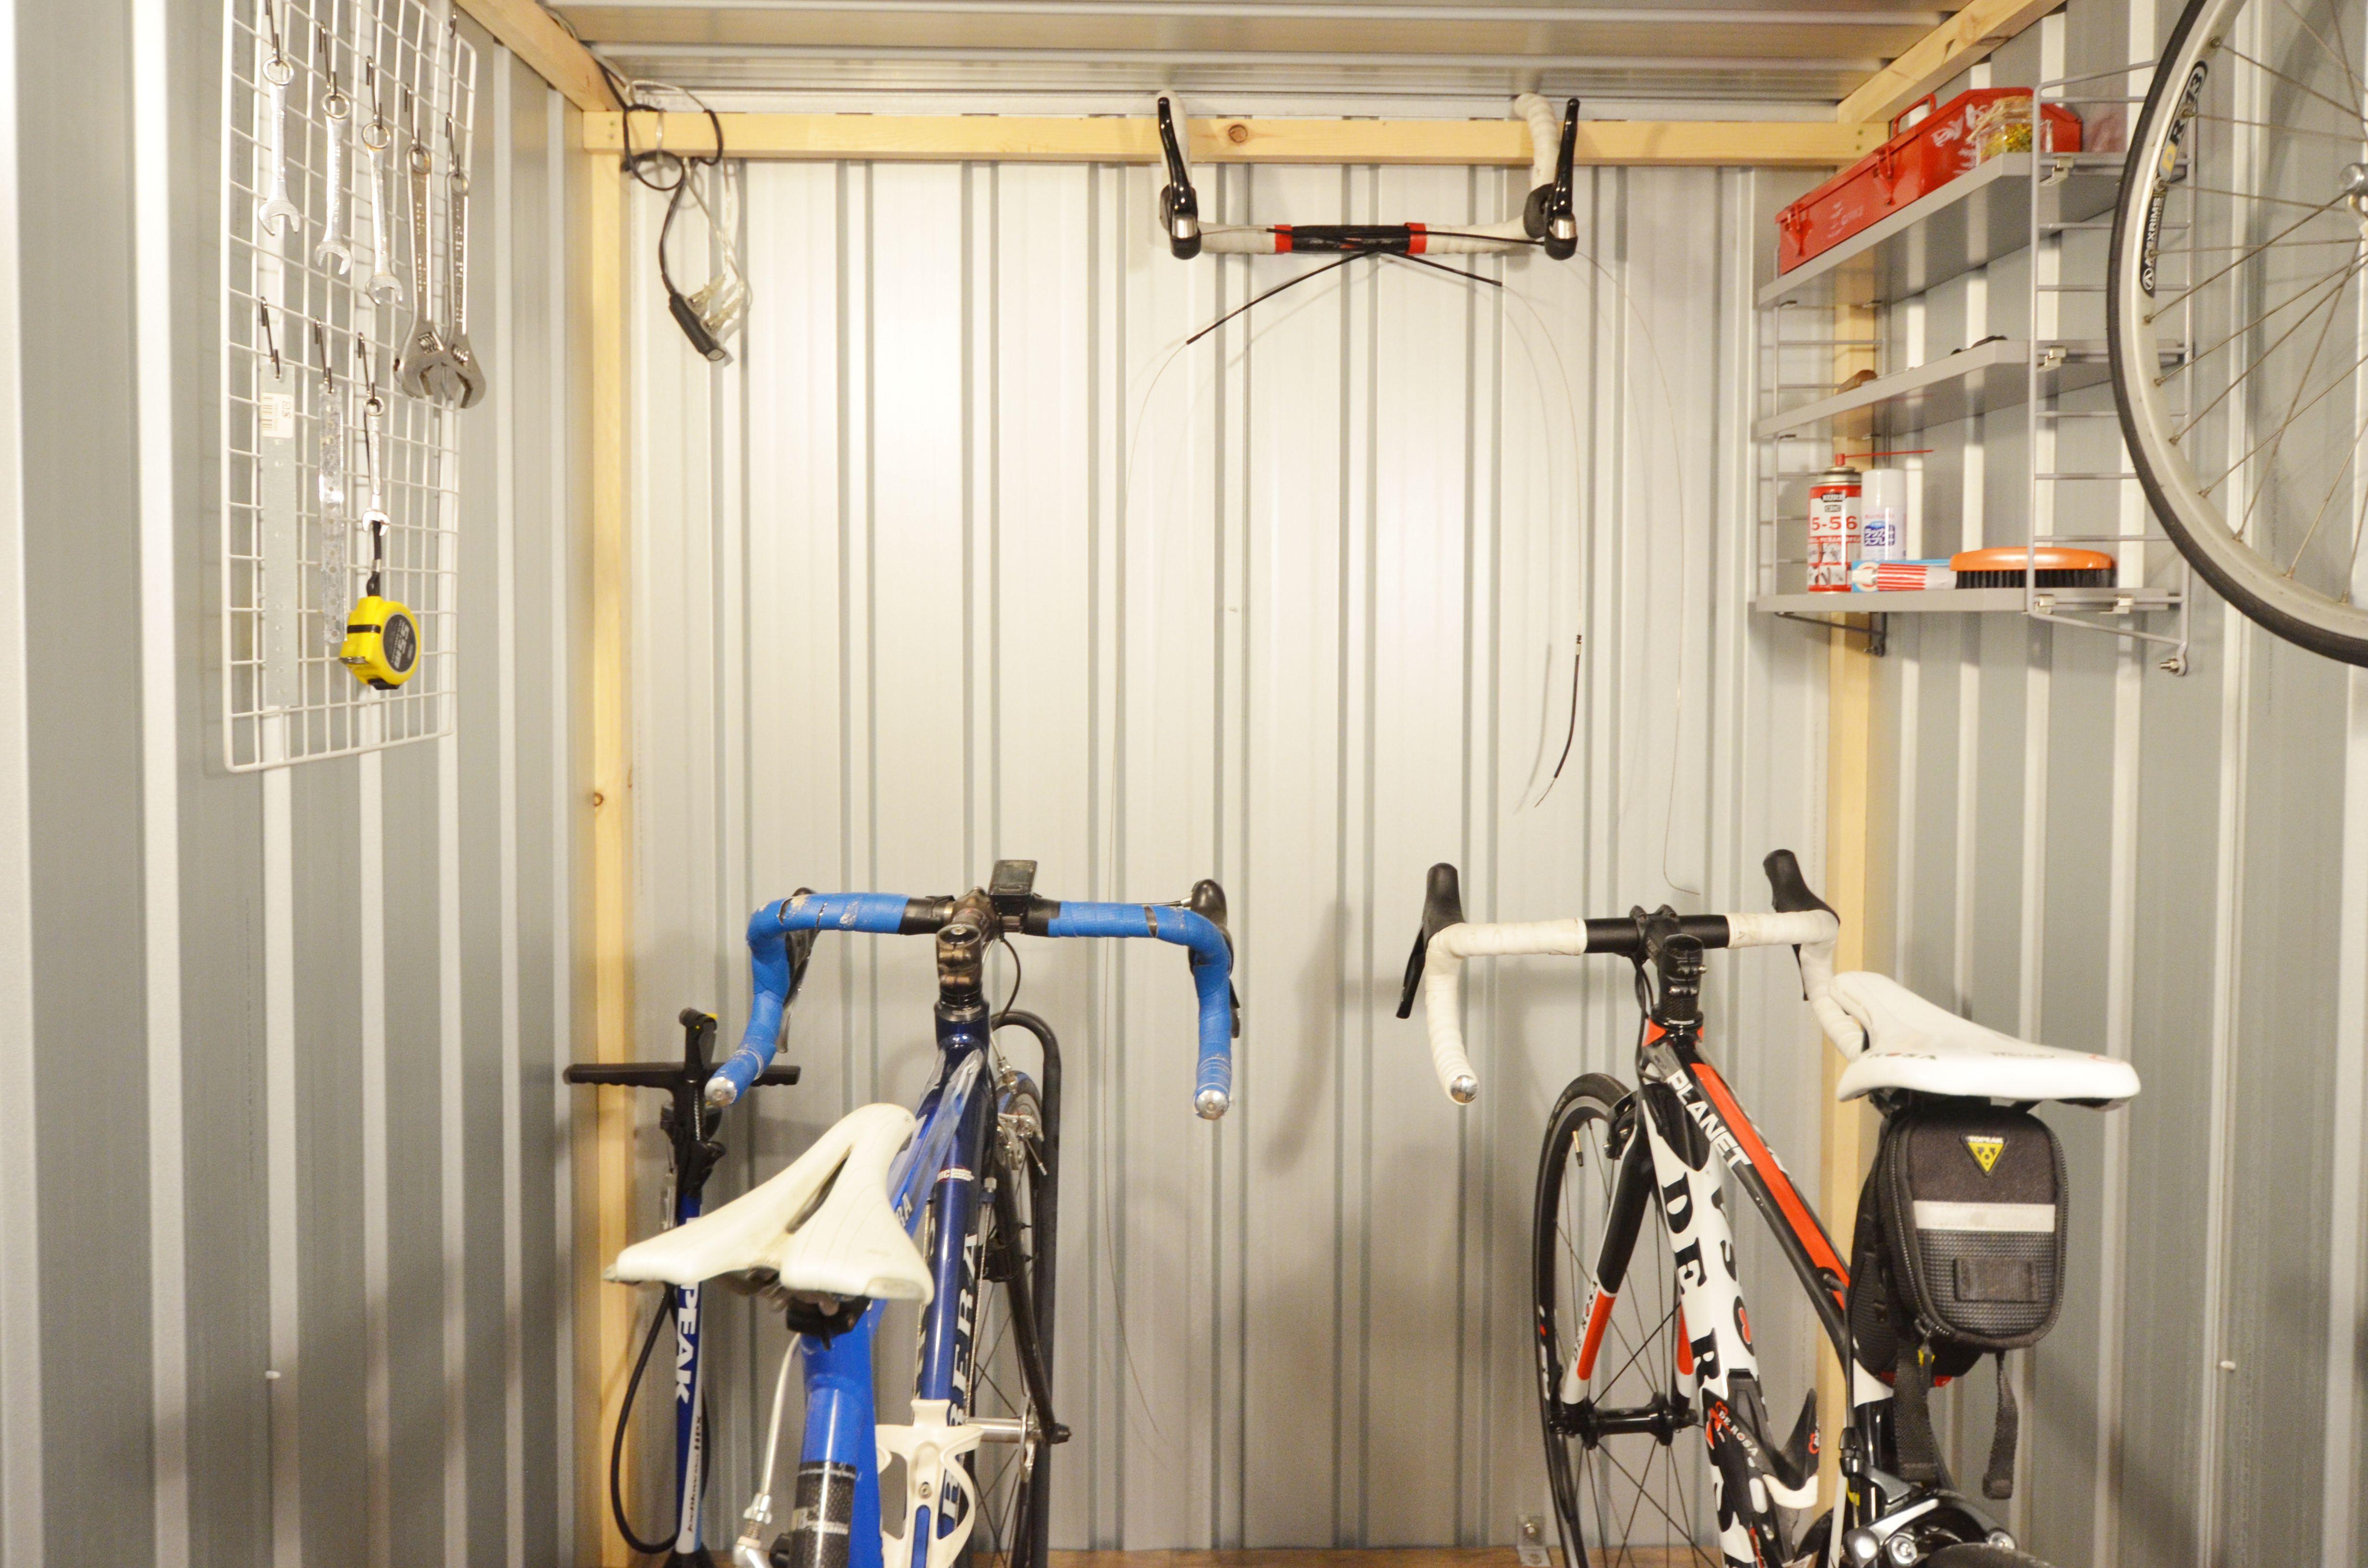 小屋で自転車ガレージを作るとこうなる 自転車小屋 小屋作り ユーロ物置